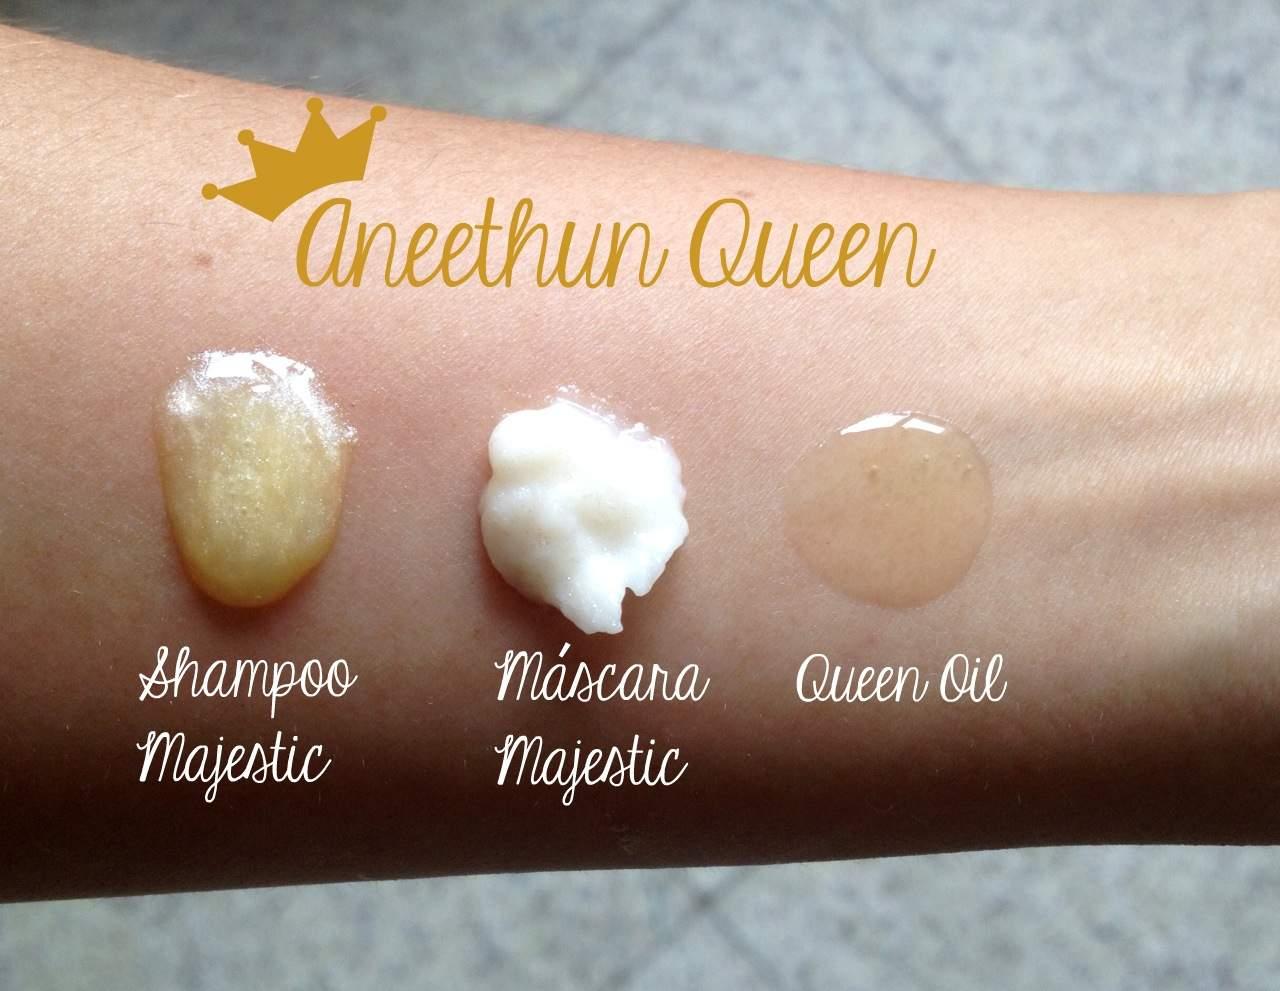 aneethun queen shampoo oleo mascara - Quer cabelos de Rainha? Conheça a linha completa Aneethun Queen